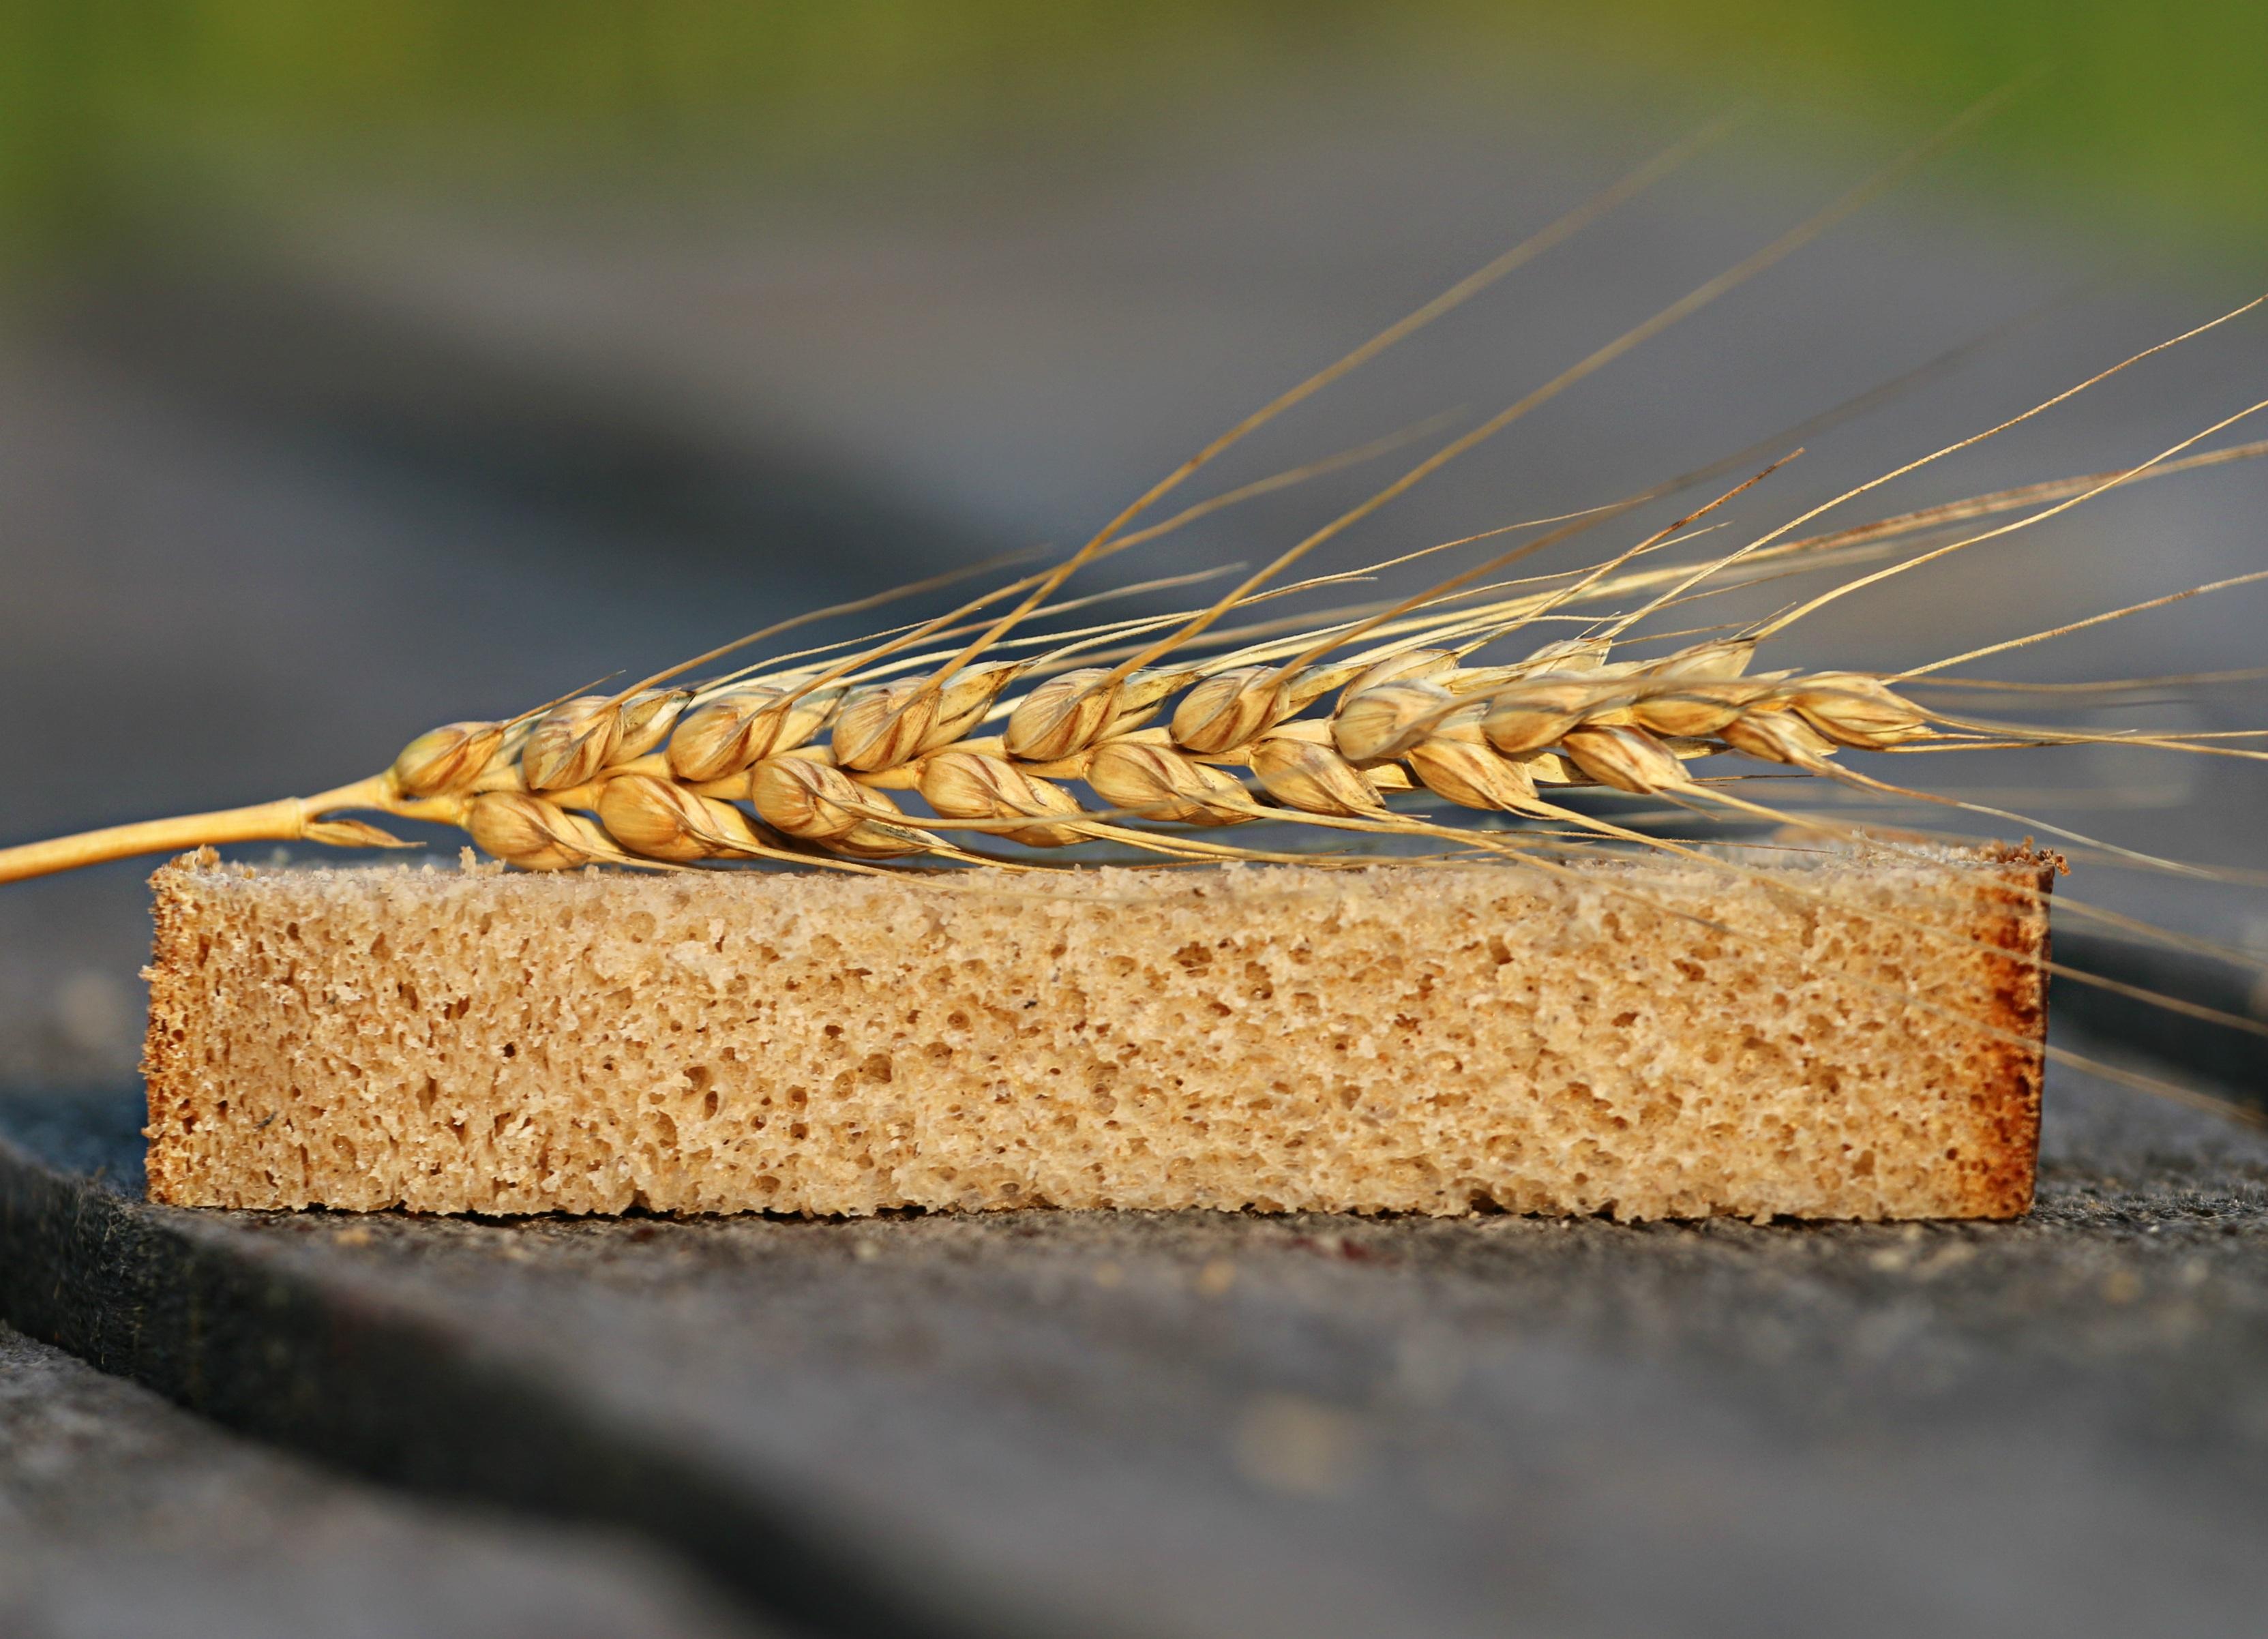 Картинка Пшеница Хлеб часть колосок Пища вблизи Кусок Колос кусочки кусочек колосья колоски Еда Продукты питания Крупным планом